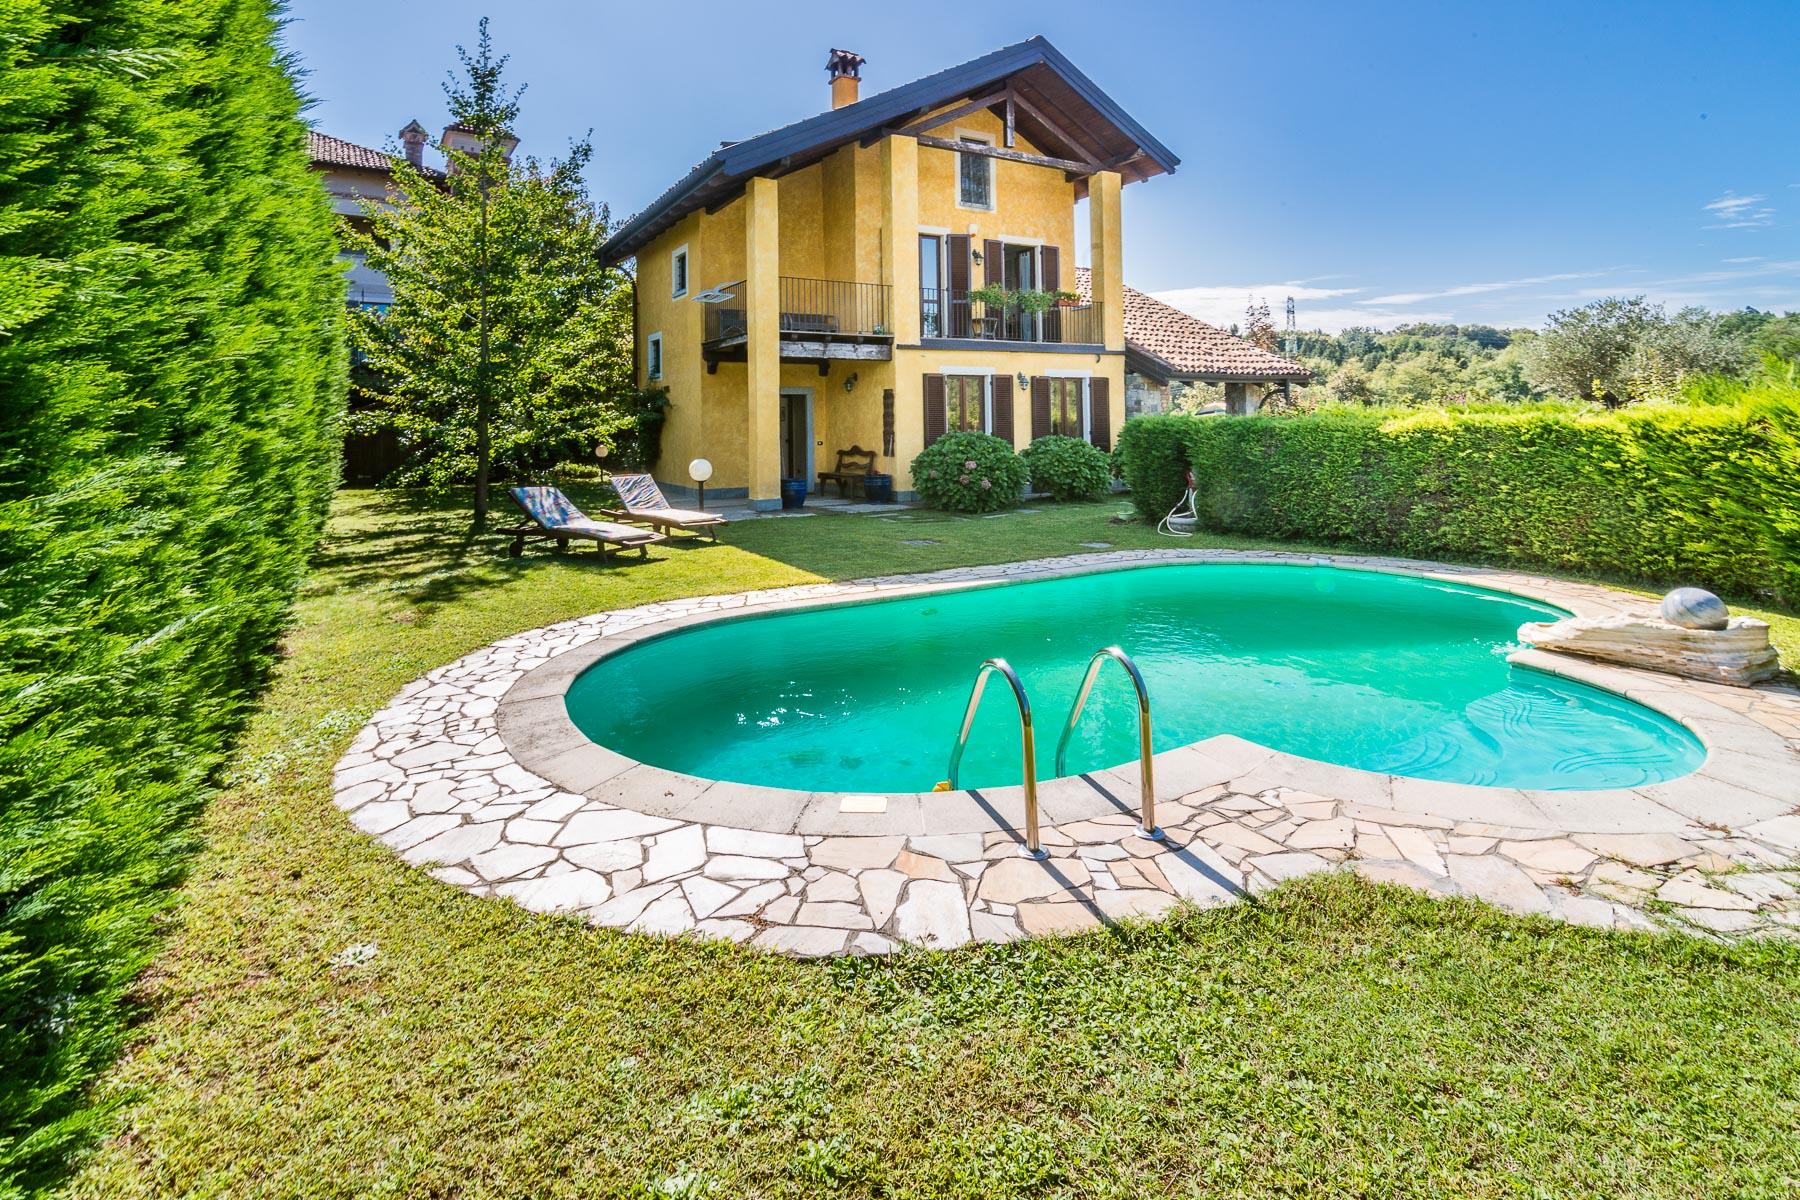 Villa in Vendita a Arona: 5 locali, 215 mq